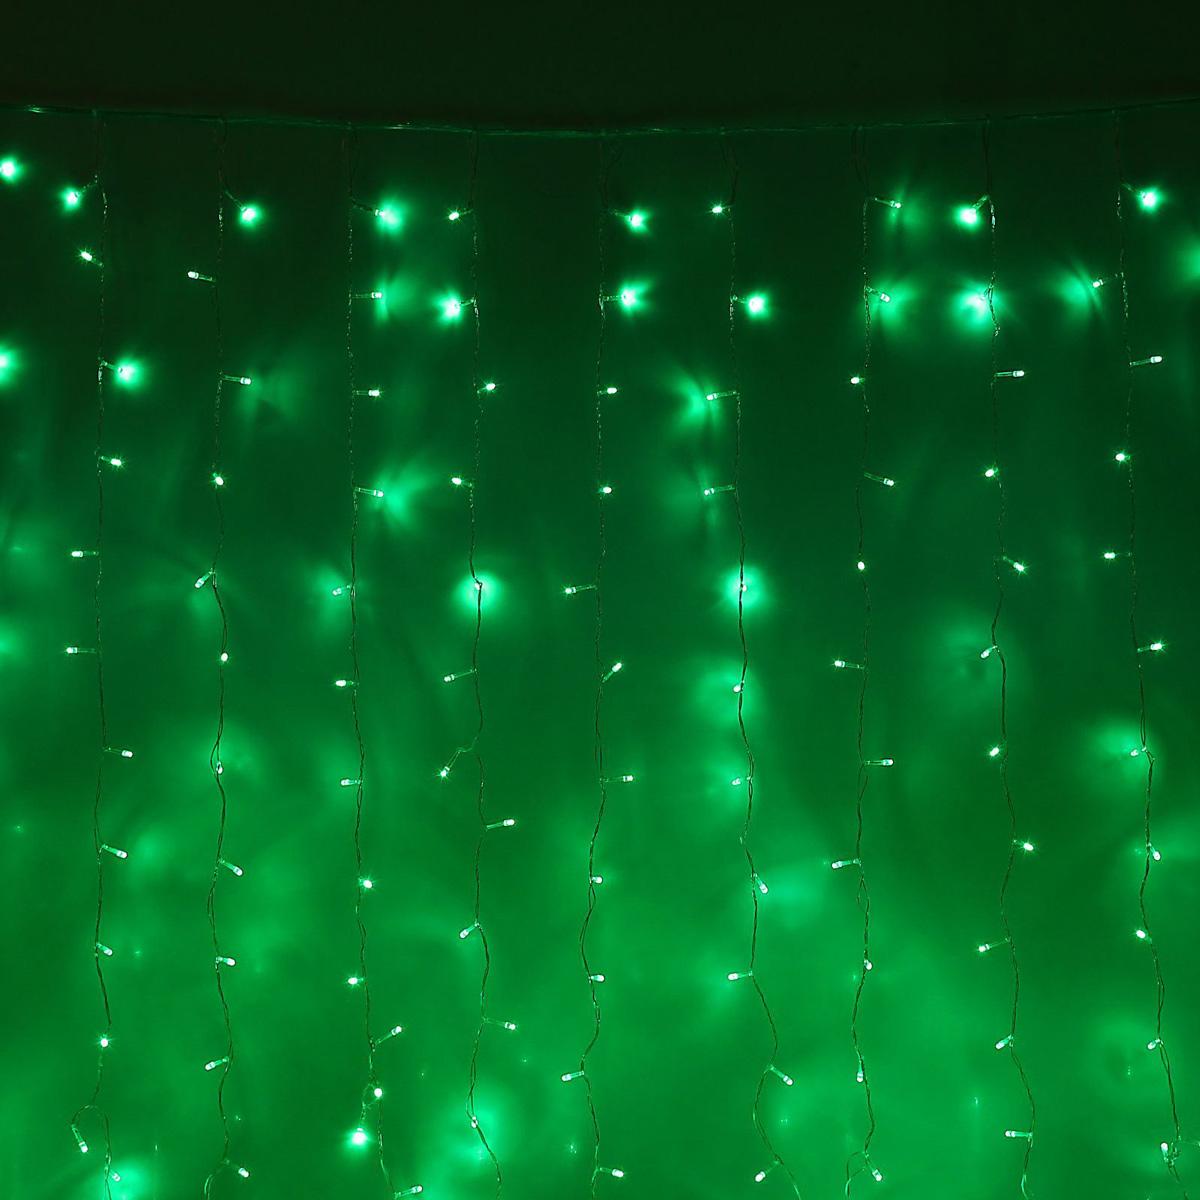 Гирлянда светодиодная Luazon Занавес, цвет: зеленый, 720 ламп, 8 режимов, 220 V, 2 х 3 м. 10804741080474Светодиодные гирлянды и ленты — это отличный вариант для новогоднего оформления интерьера или фасада. С их помощью помещение любого размера можно превратить в праздничный зал, а внешние элементы зданий, украшенные ими, мгновенно станут напоминать очертания сказочного дворца. Такие украшения создают ауру предвкушения чуда. Деревья, фасады, витрины, окна и арки будто специально созданы, чтобы вы украсили их светящимися нитями.